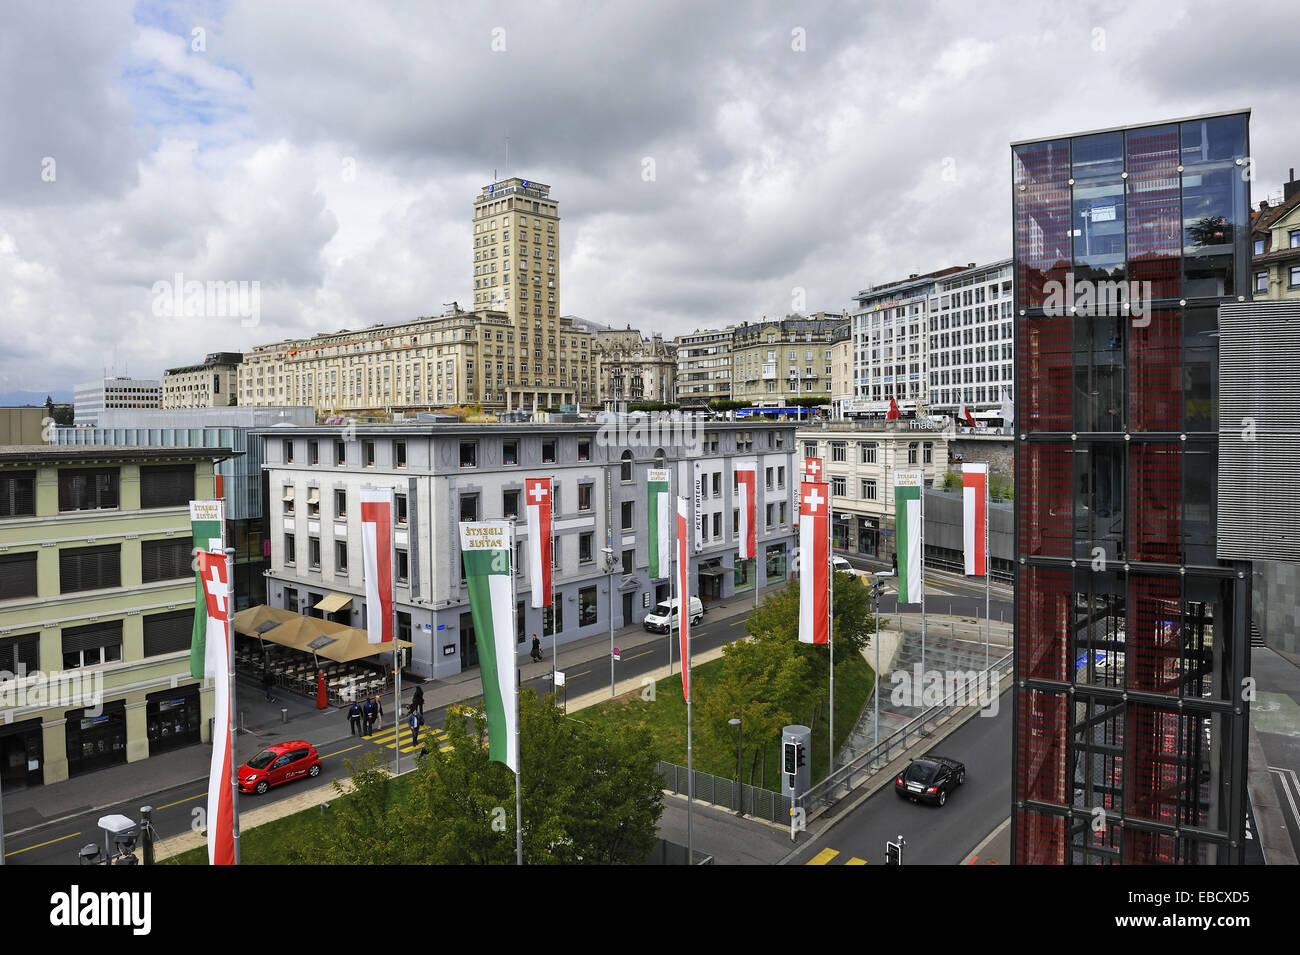 Architektur Hintergründe Bel Air Bridge Kanton Waadt Farbe Bild Bund Bezirk Aufzug Europas Flon Steg Stockbild